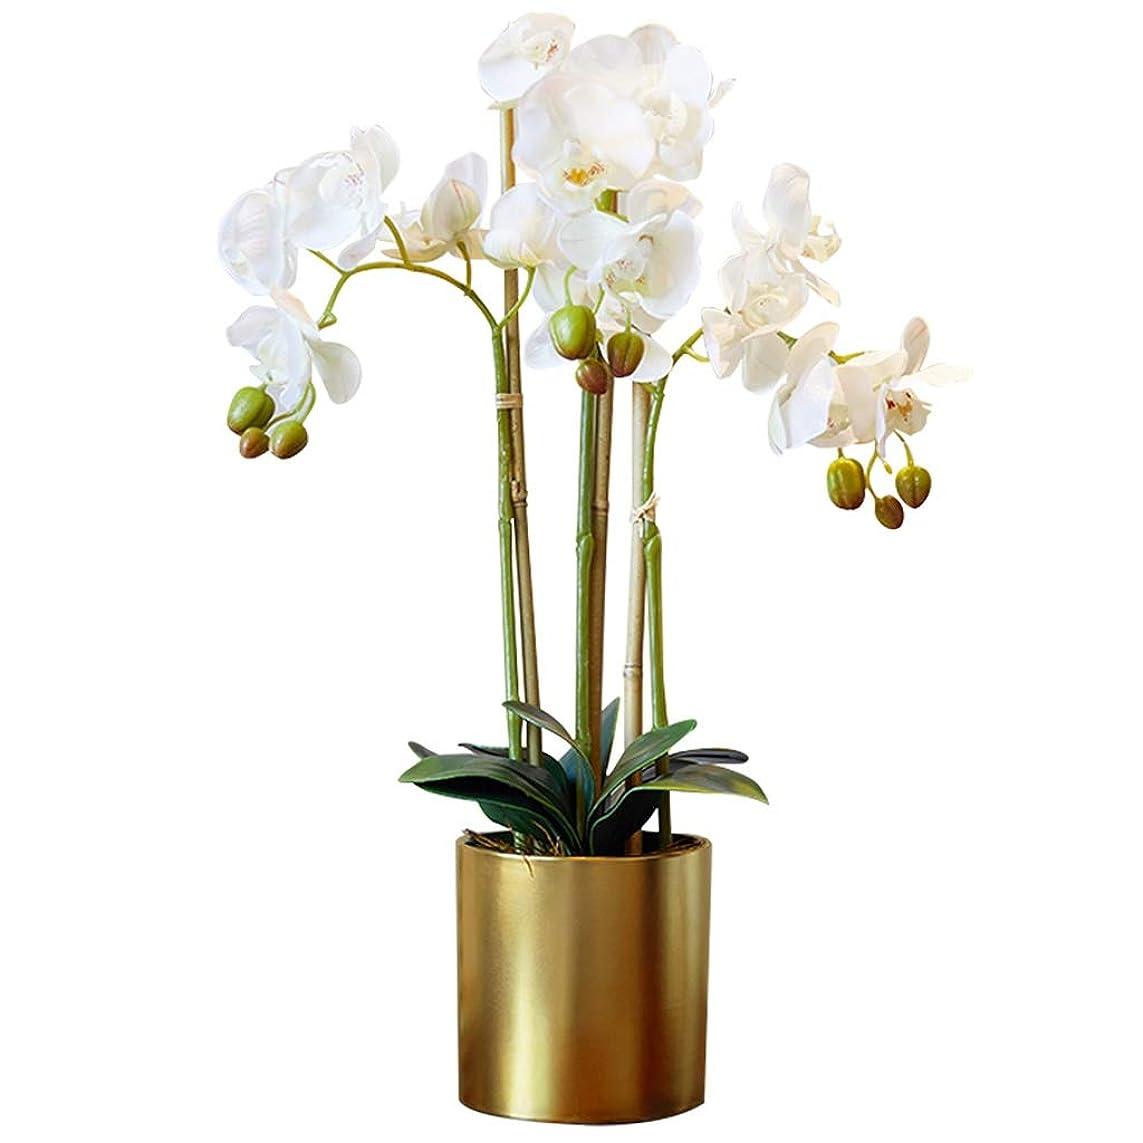 ゲートウェイネブ毎日TXC- フェイクフラワー造花セットフェイクフラワー胡蝶リビングルームフラワーアレンジメントテーブル装飾オーナメント 明るい色